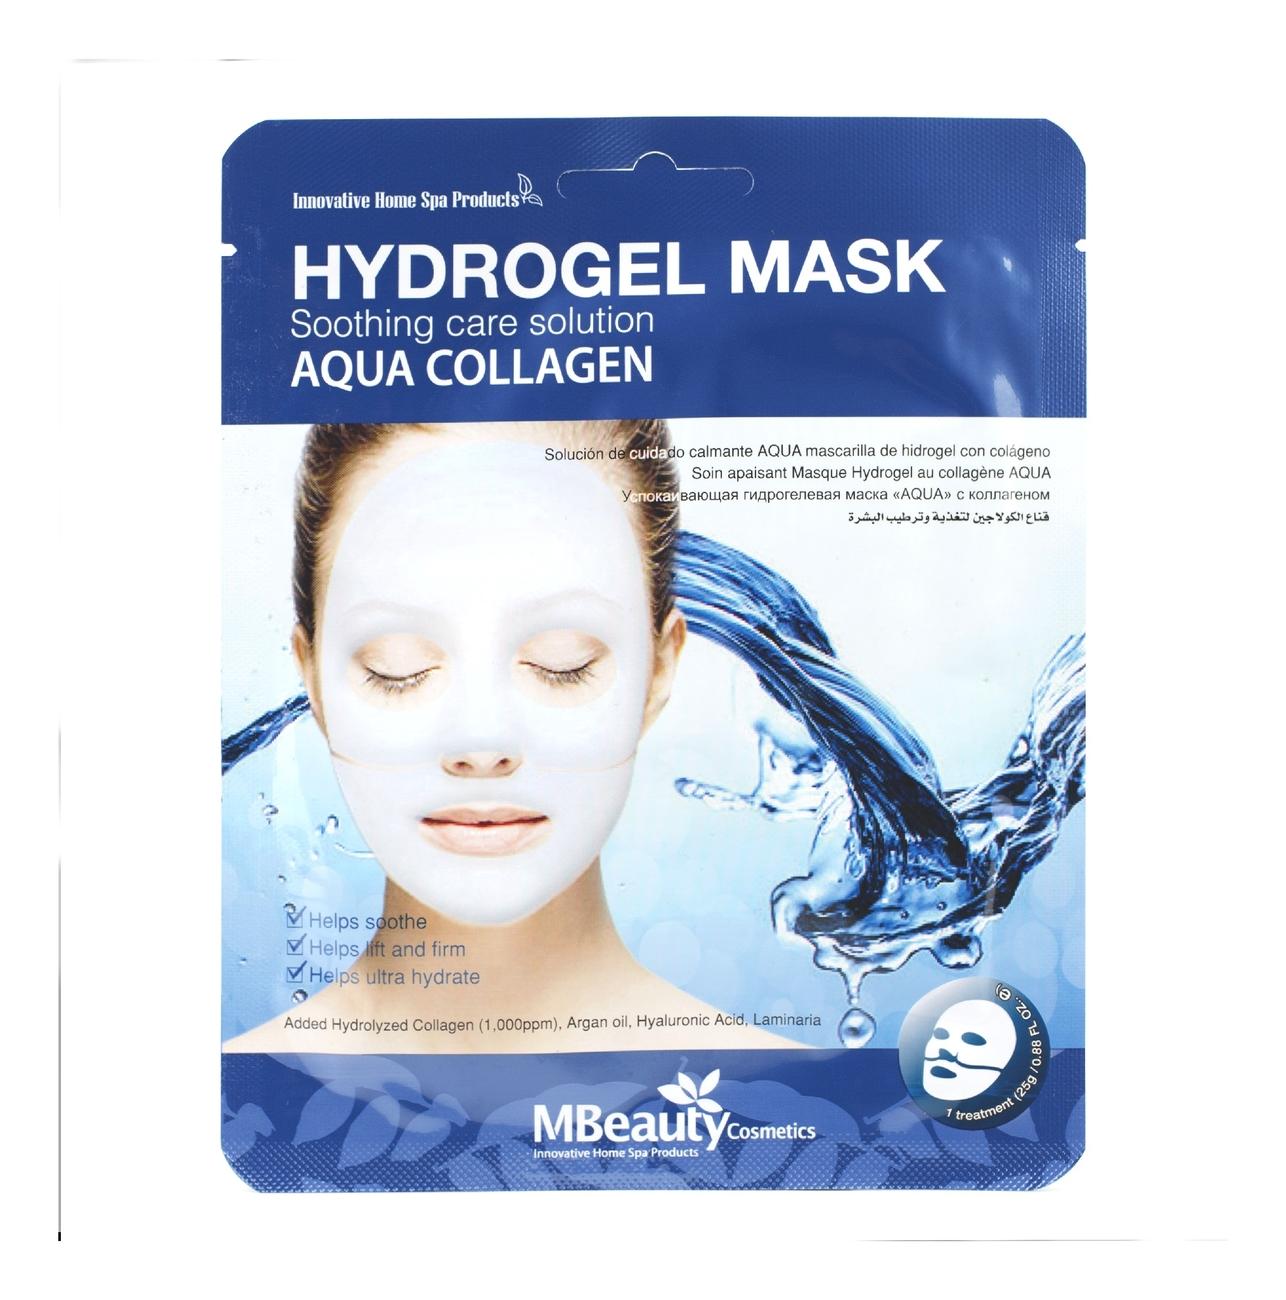 Успокаивающая увлажняющая гидрогелевая маска для лица с коллагеном Aqua Collagen Hydrogel Mask 25г guerlain super aqua mask увлажняющая маска super aqua mask увлажняющая маска